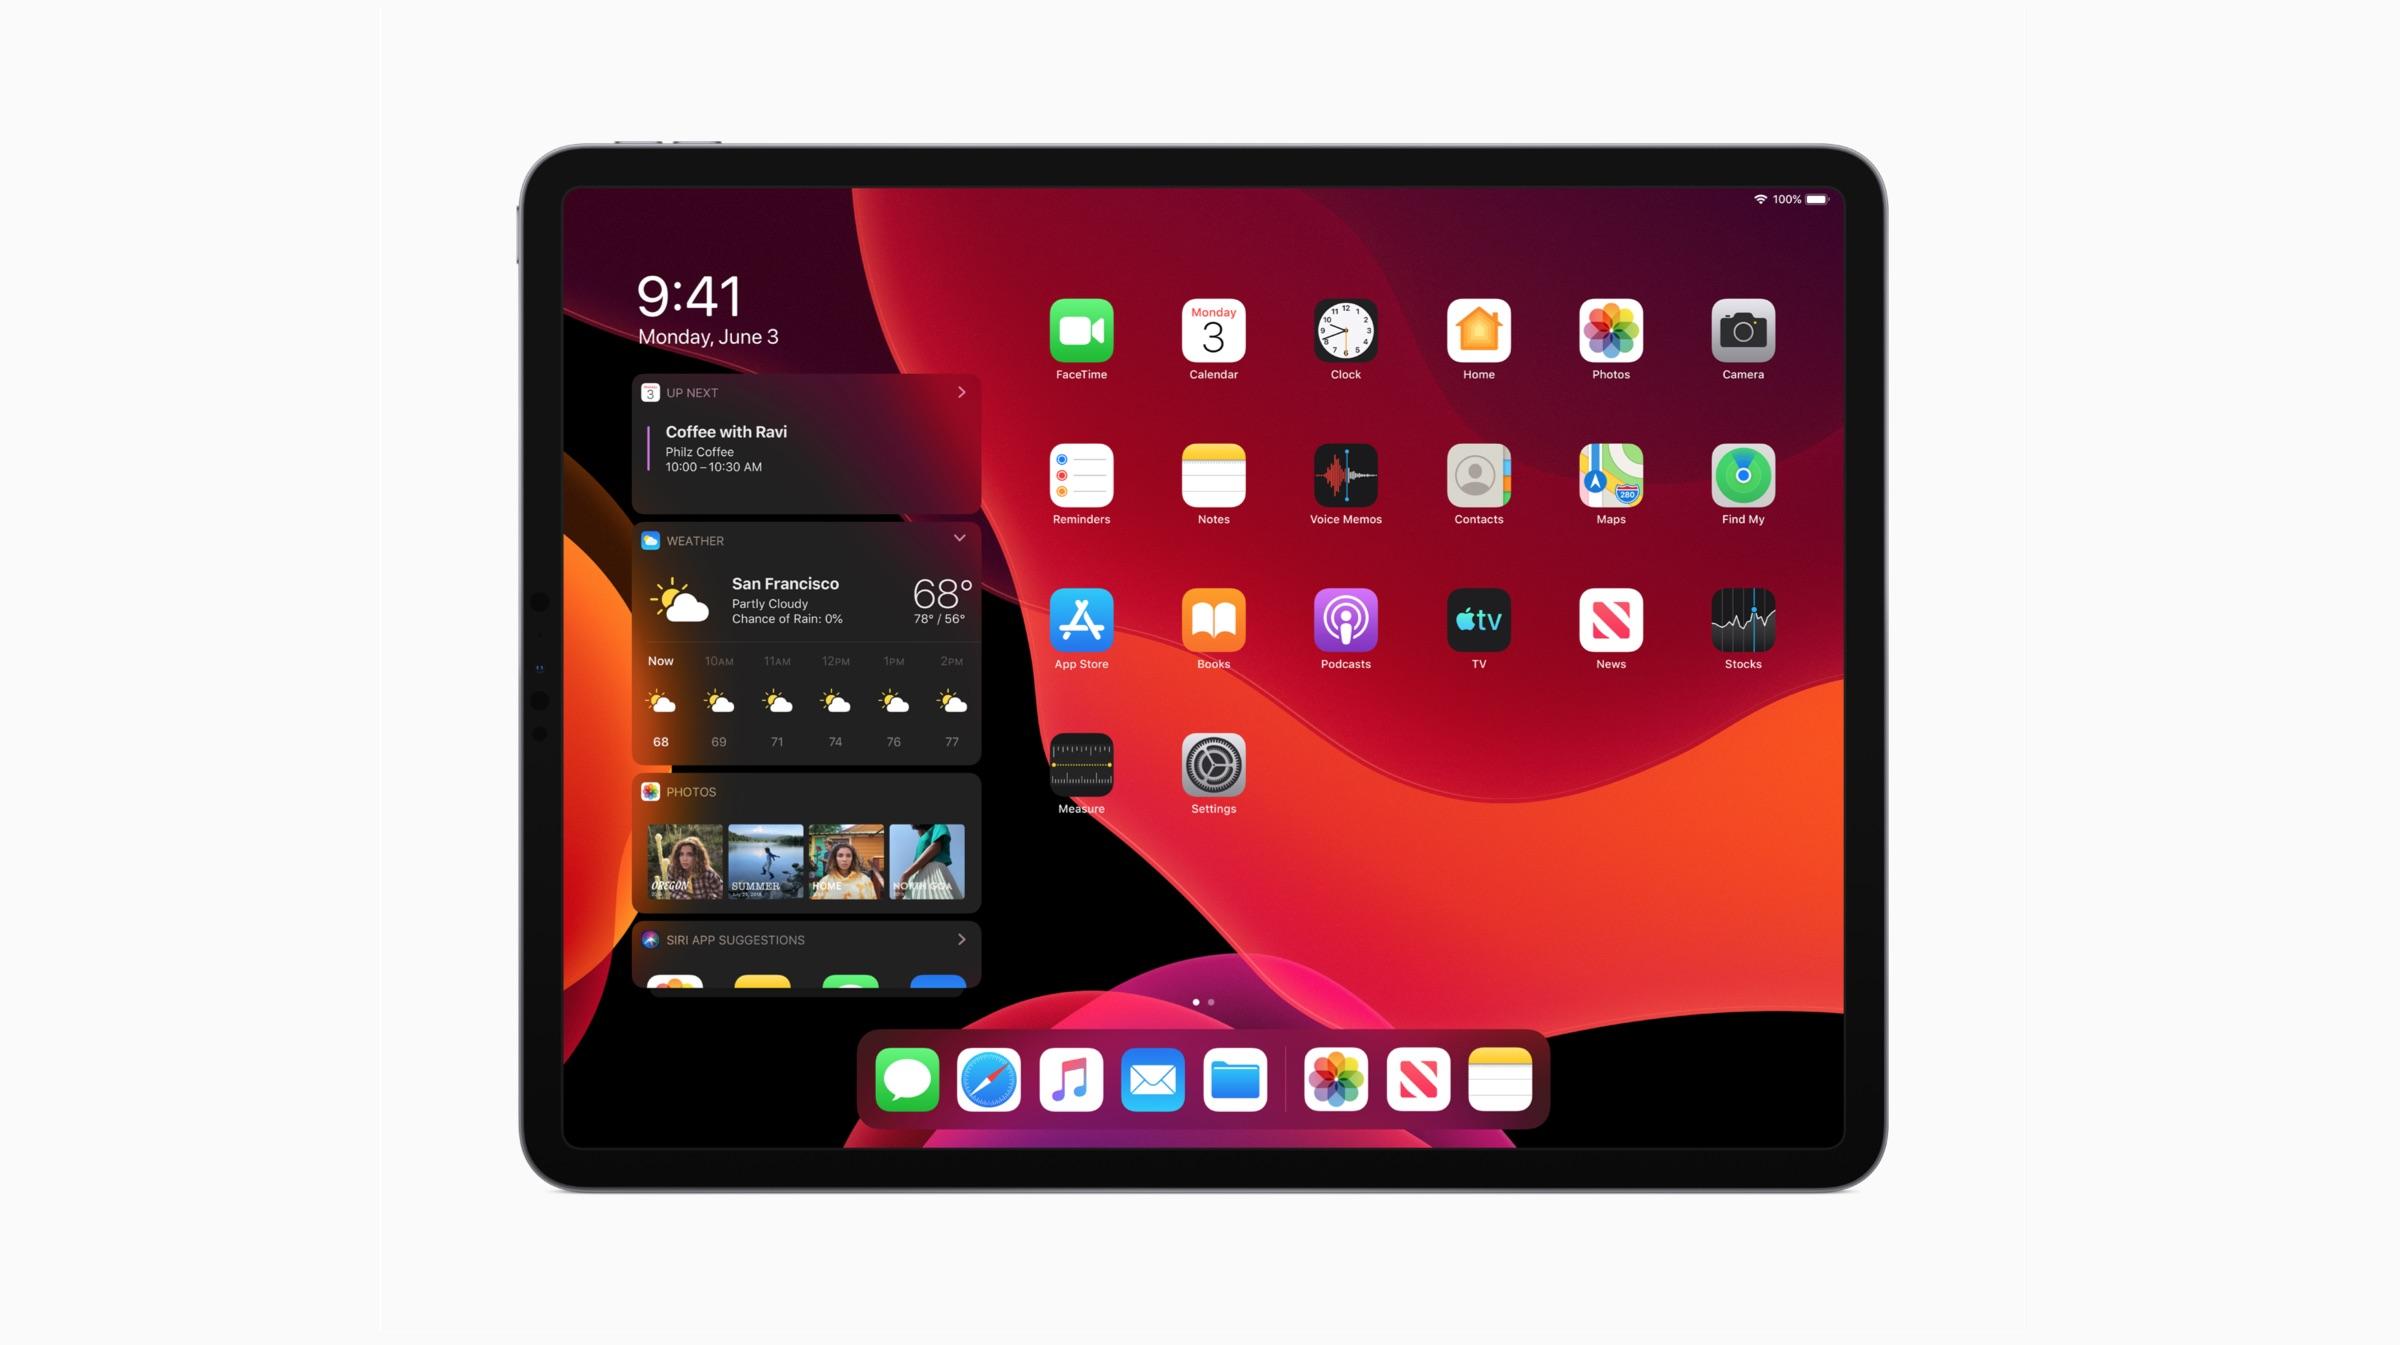 iPad OS 13